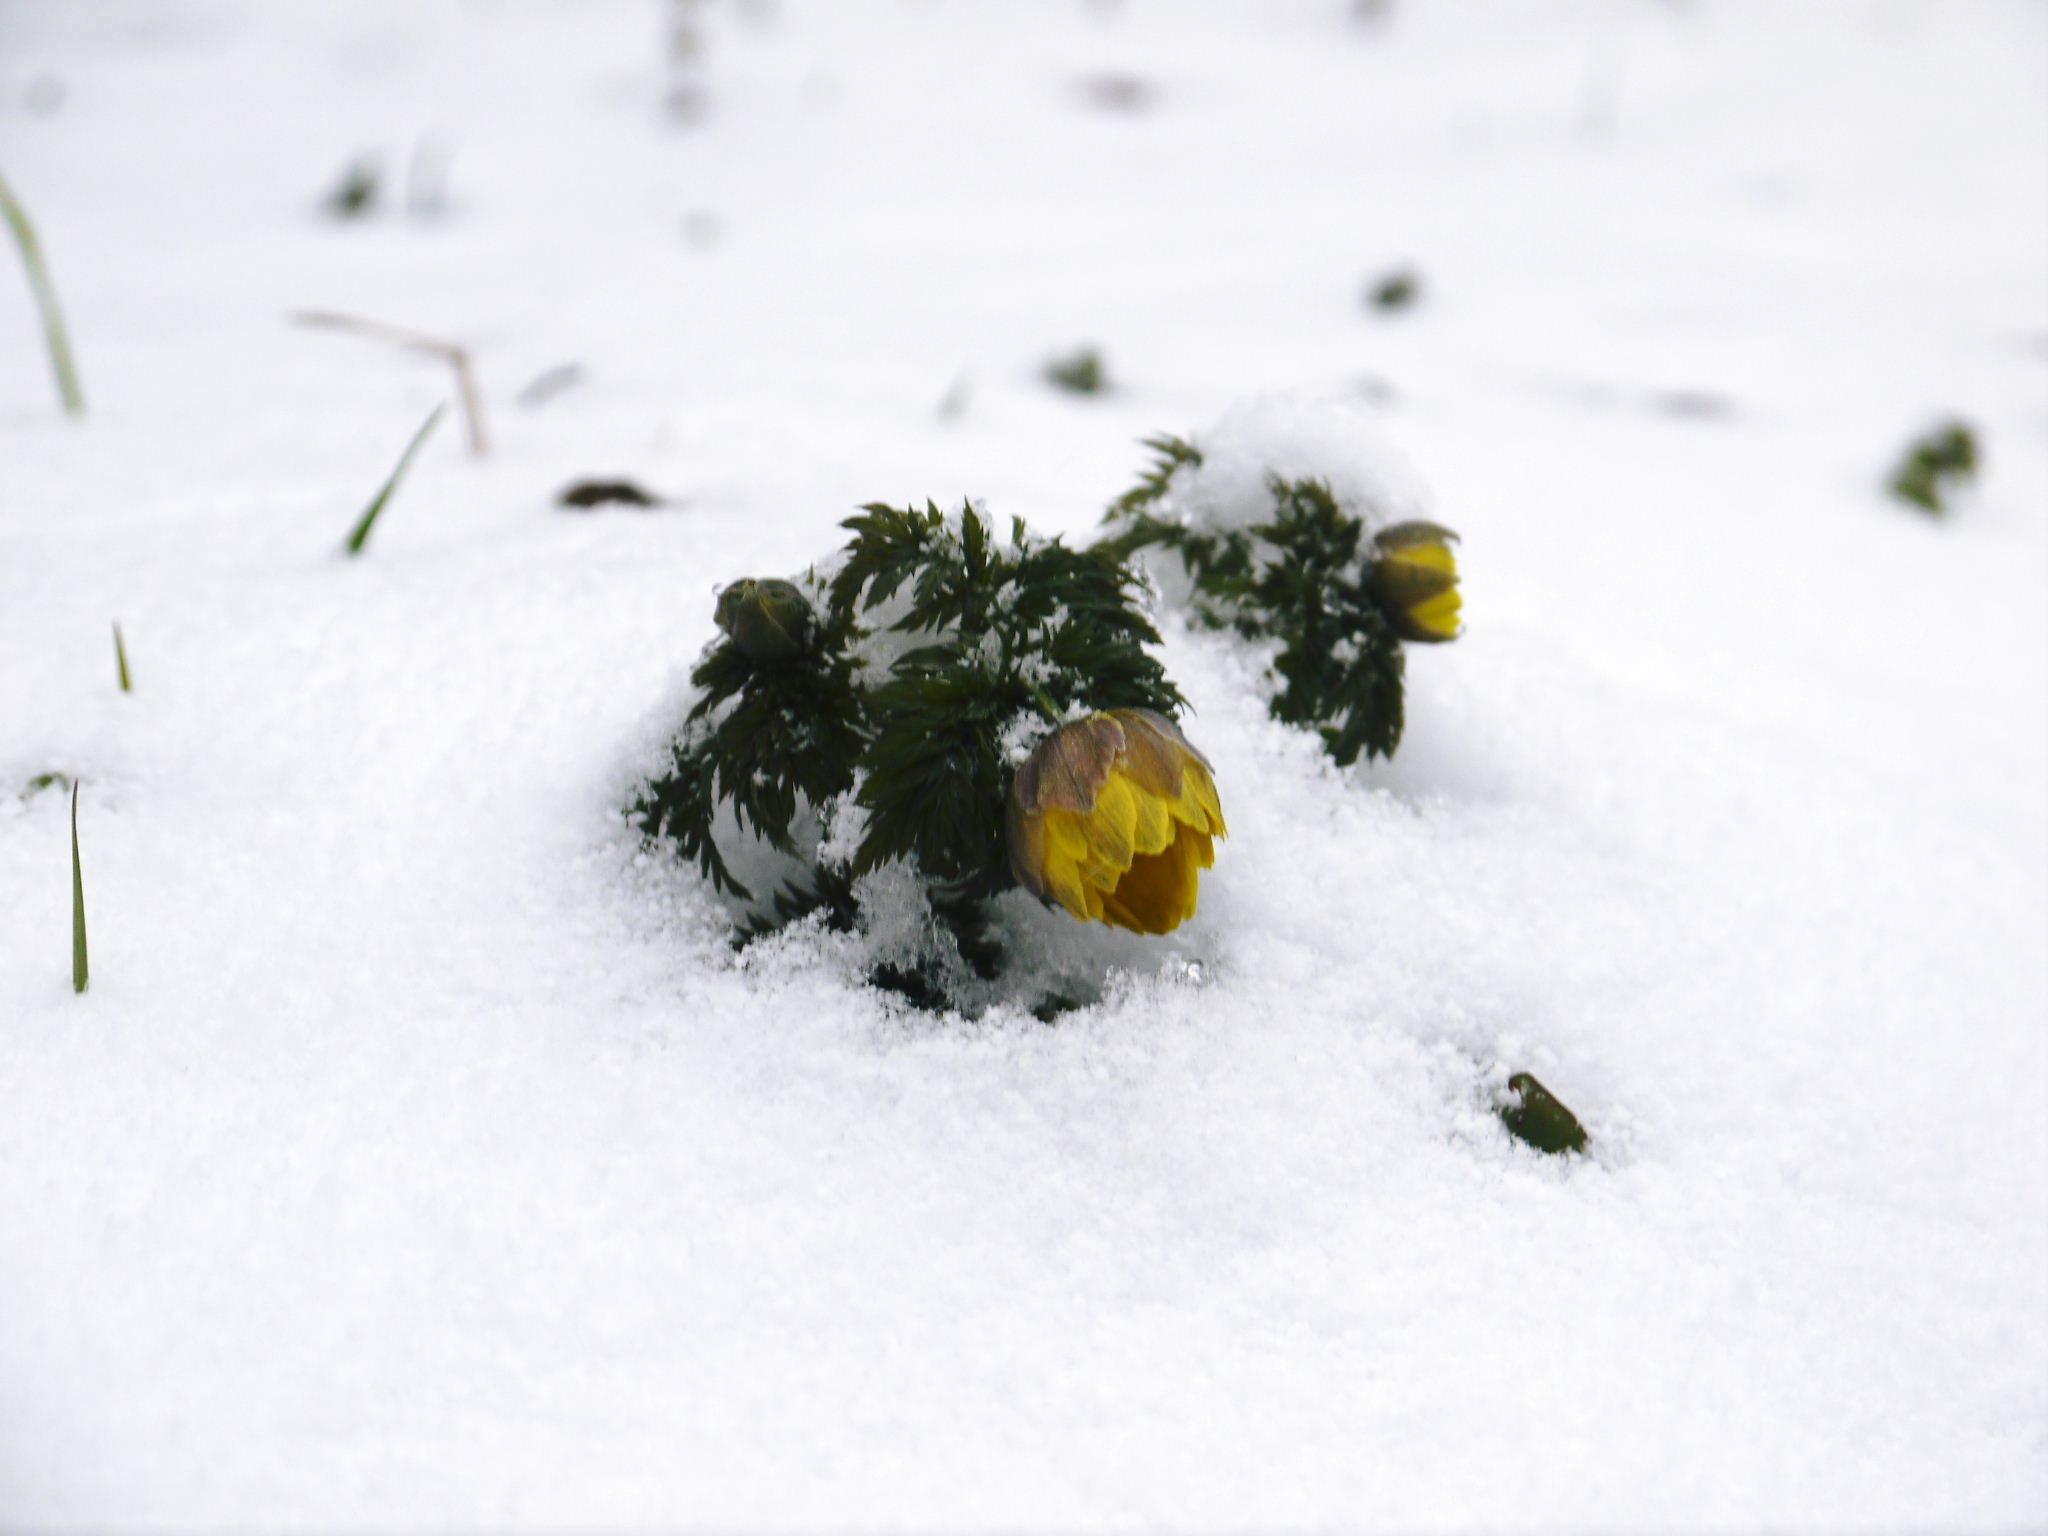 株式会社旬援隊の冬の様子2021 春と思い咲き始めた花々に雪が積もっています!_a0254656_14414348.jpg